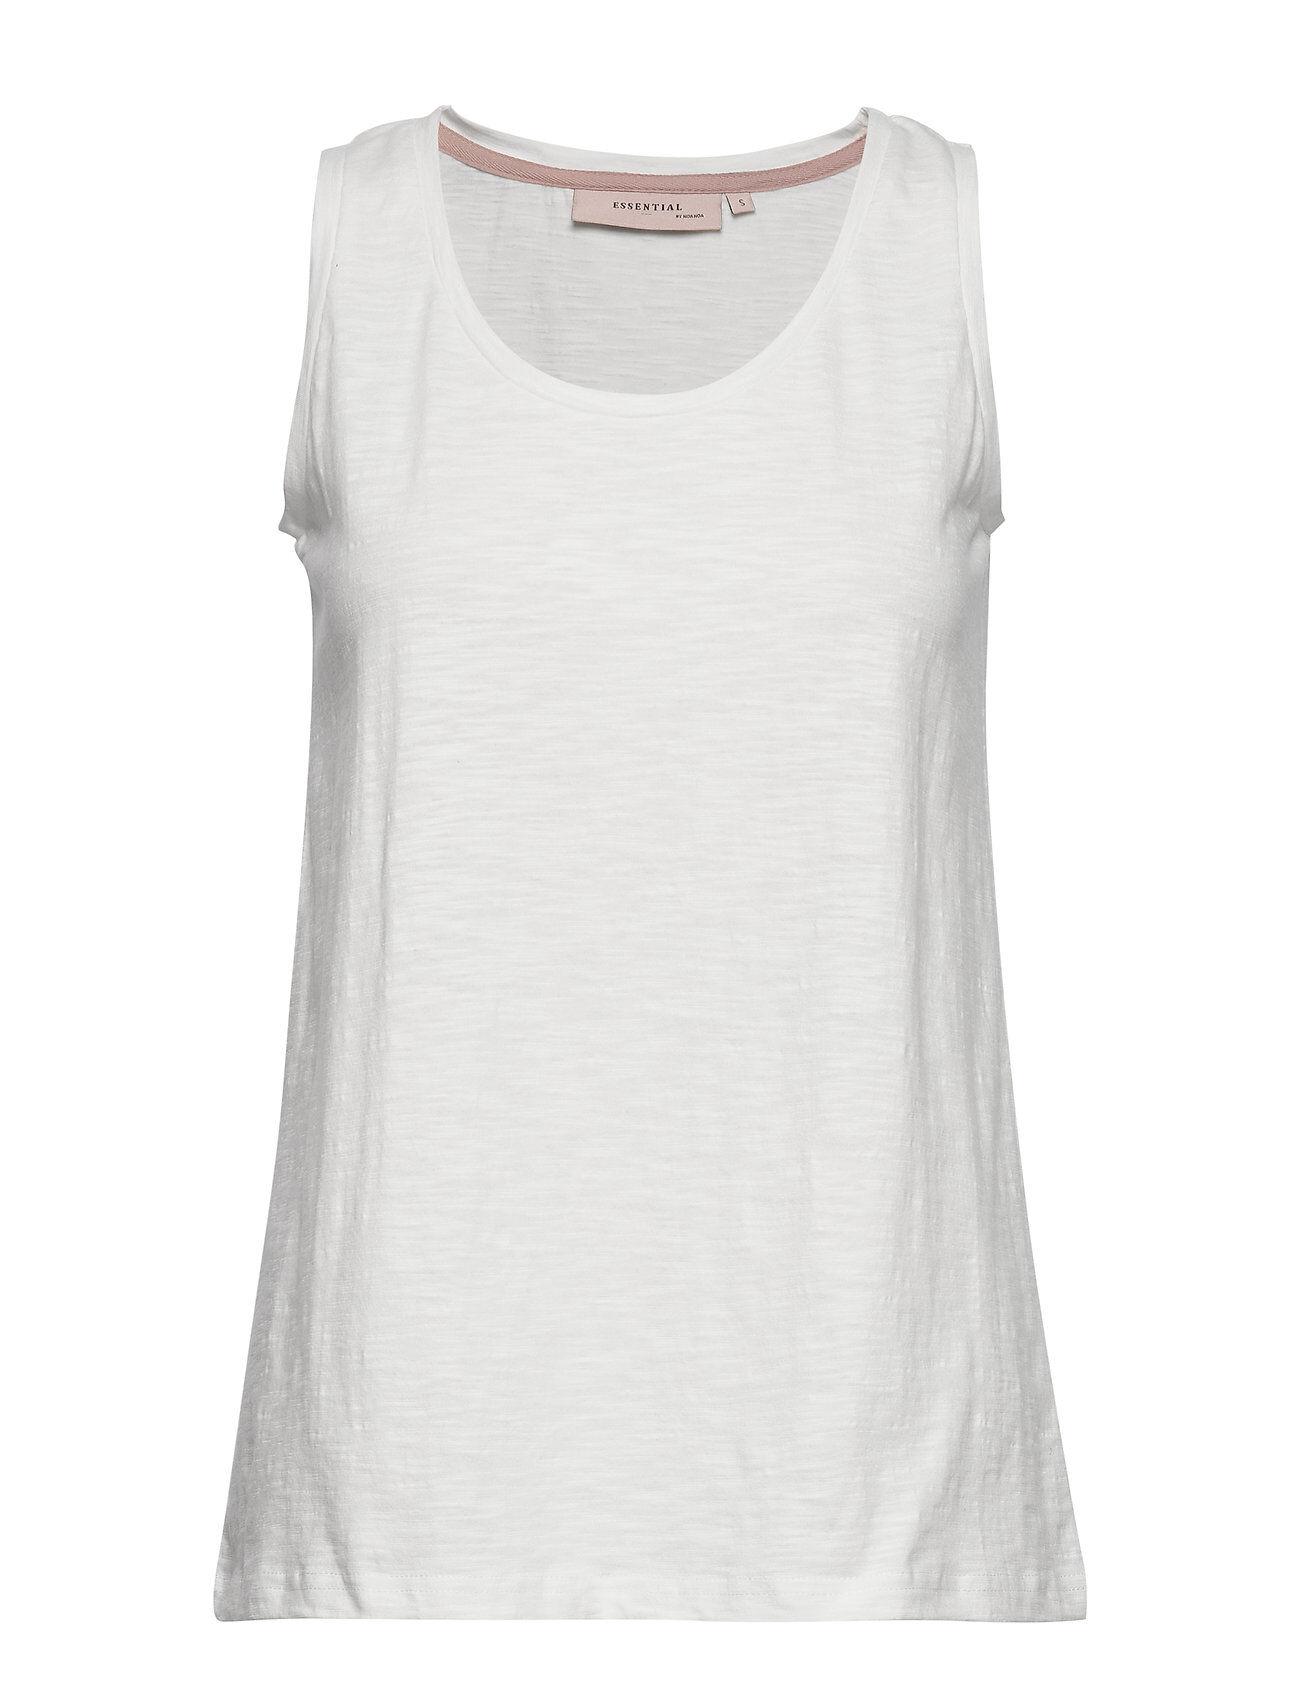 Noa Noa Top T-shirts & Tops Sleeveless Valkoinen Noa Noa